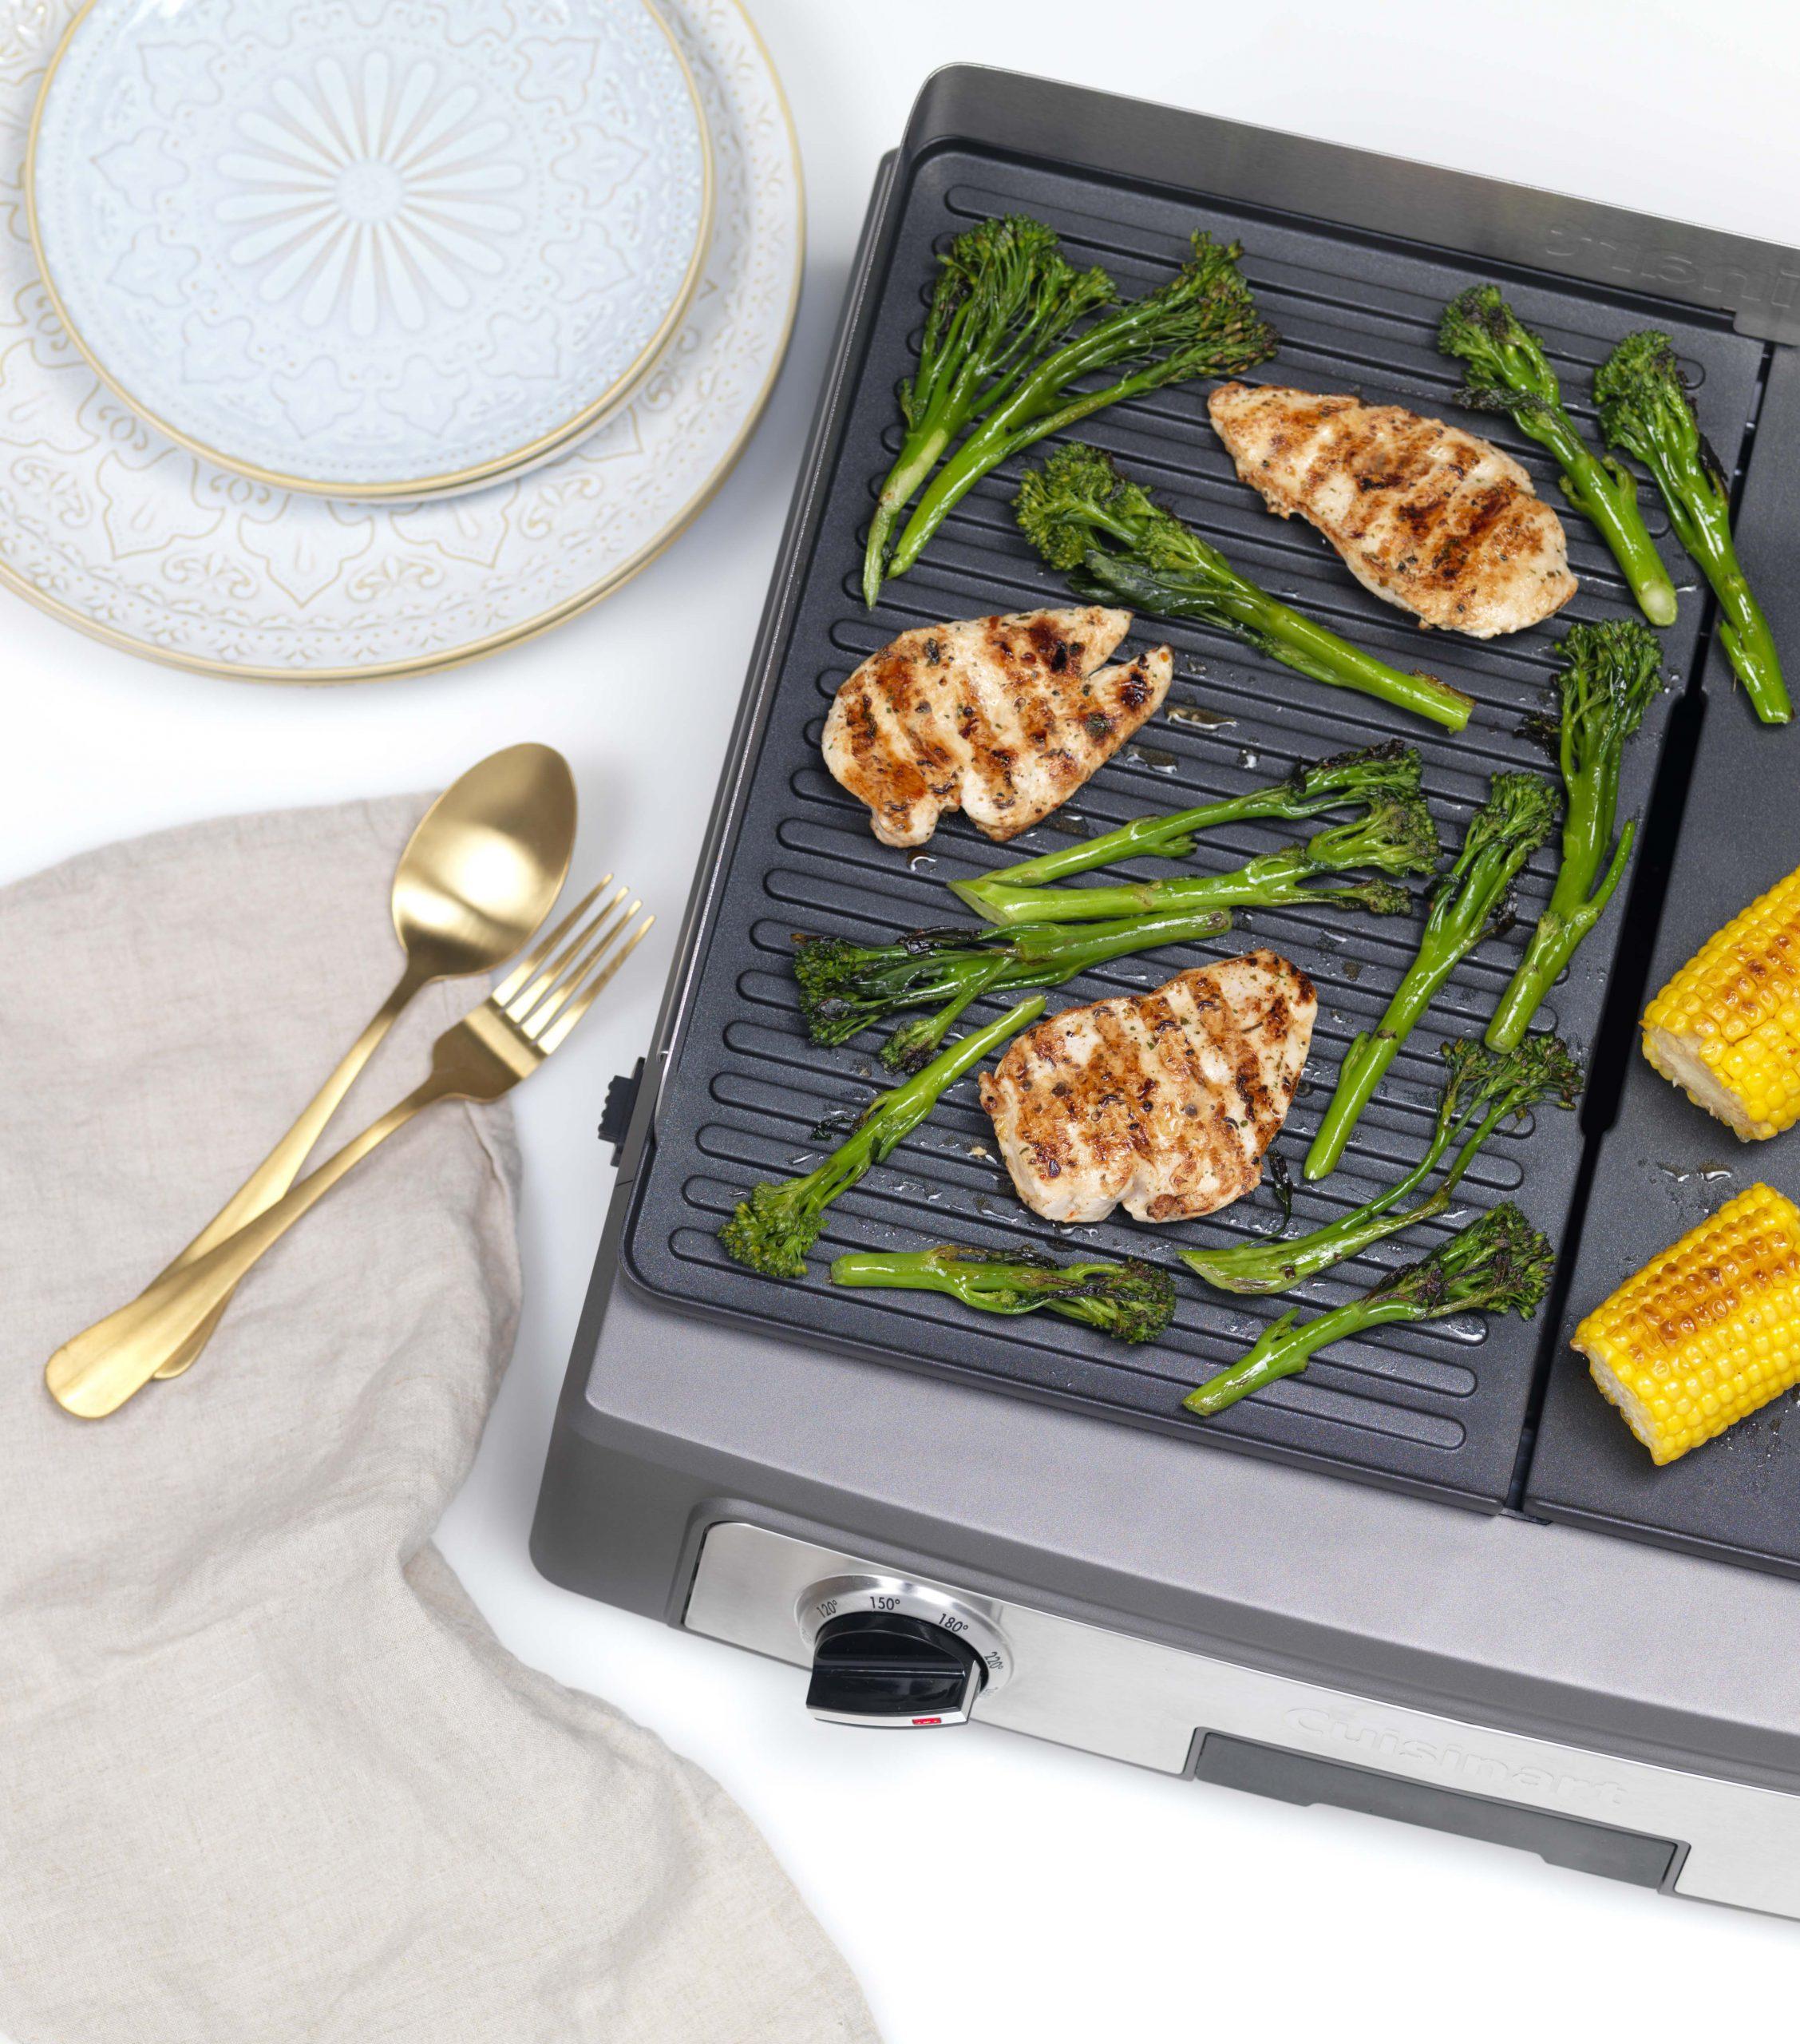 Des spécialités délicieuses pour les repas de fêtes de fin d'année